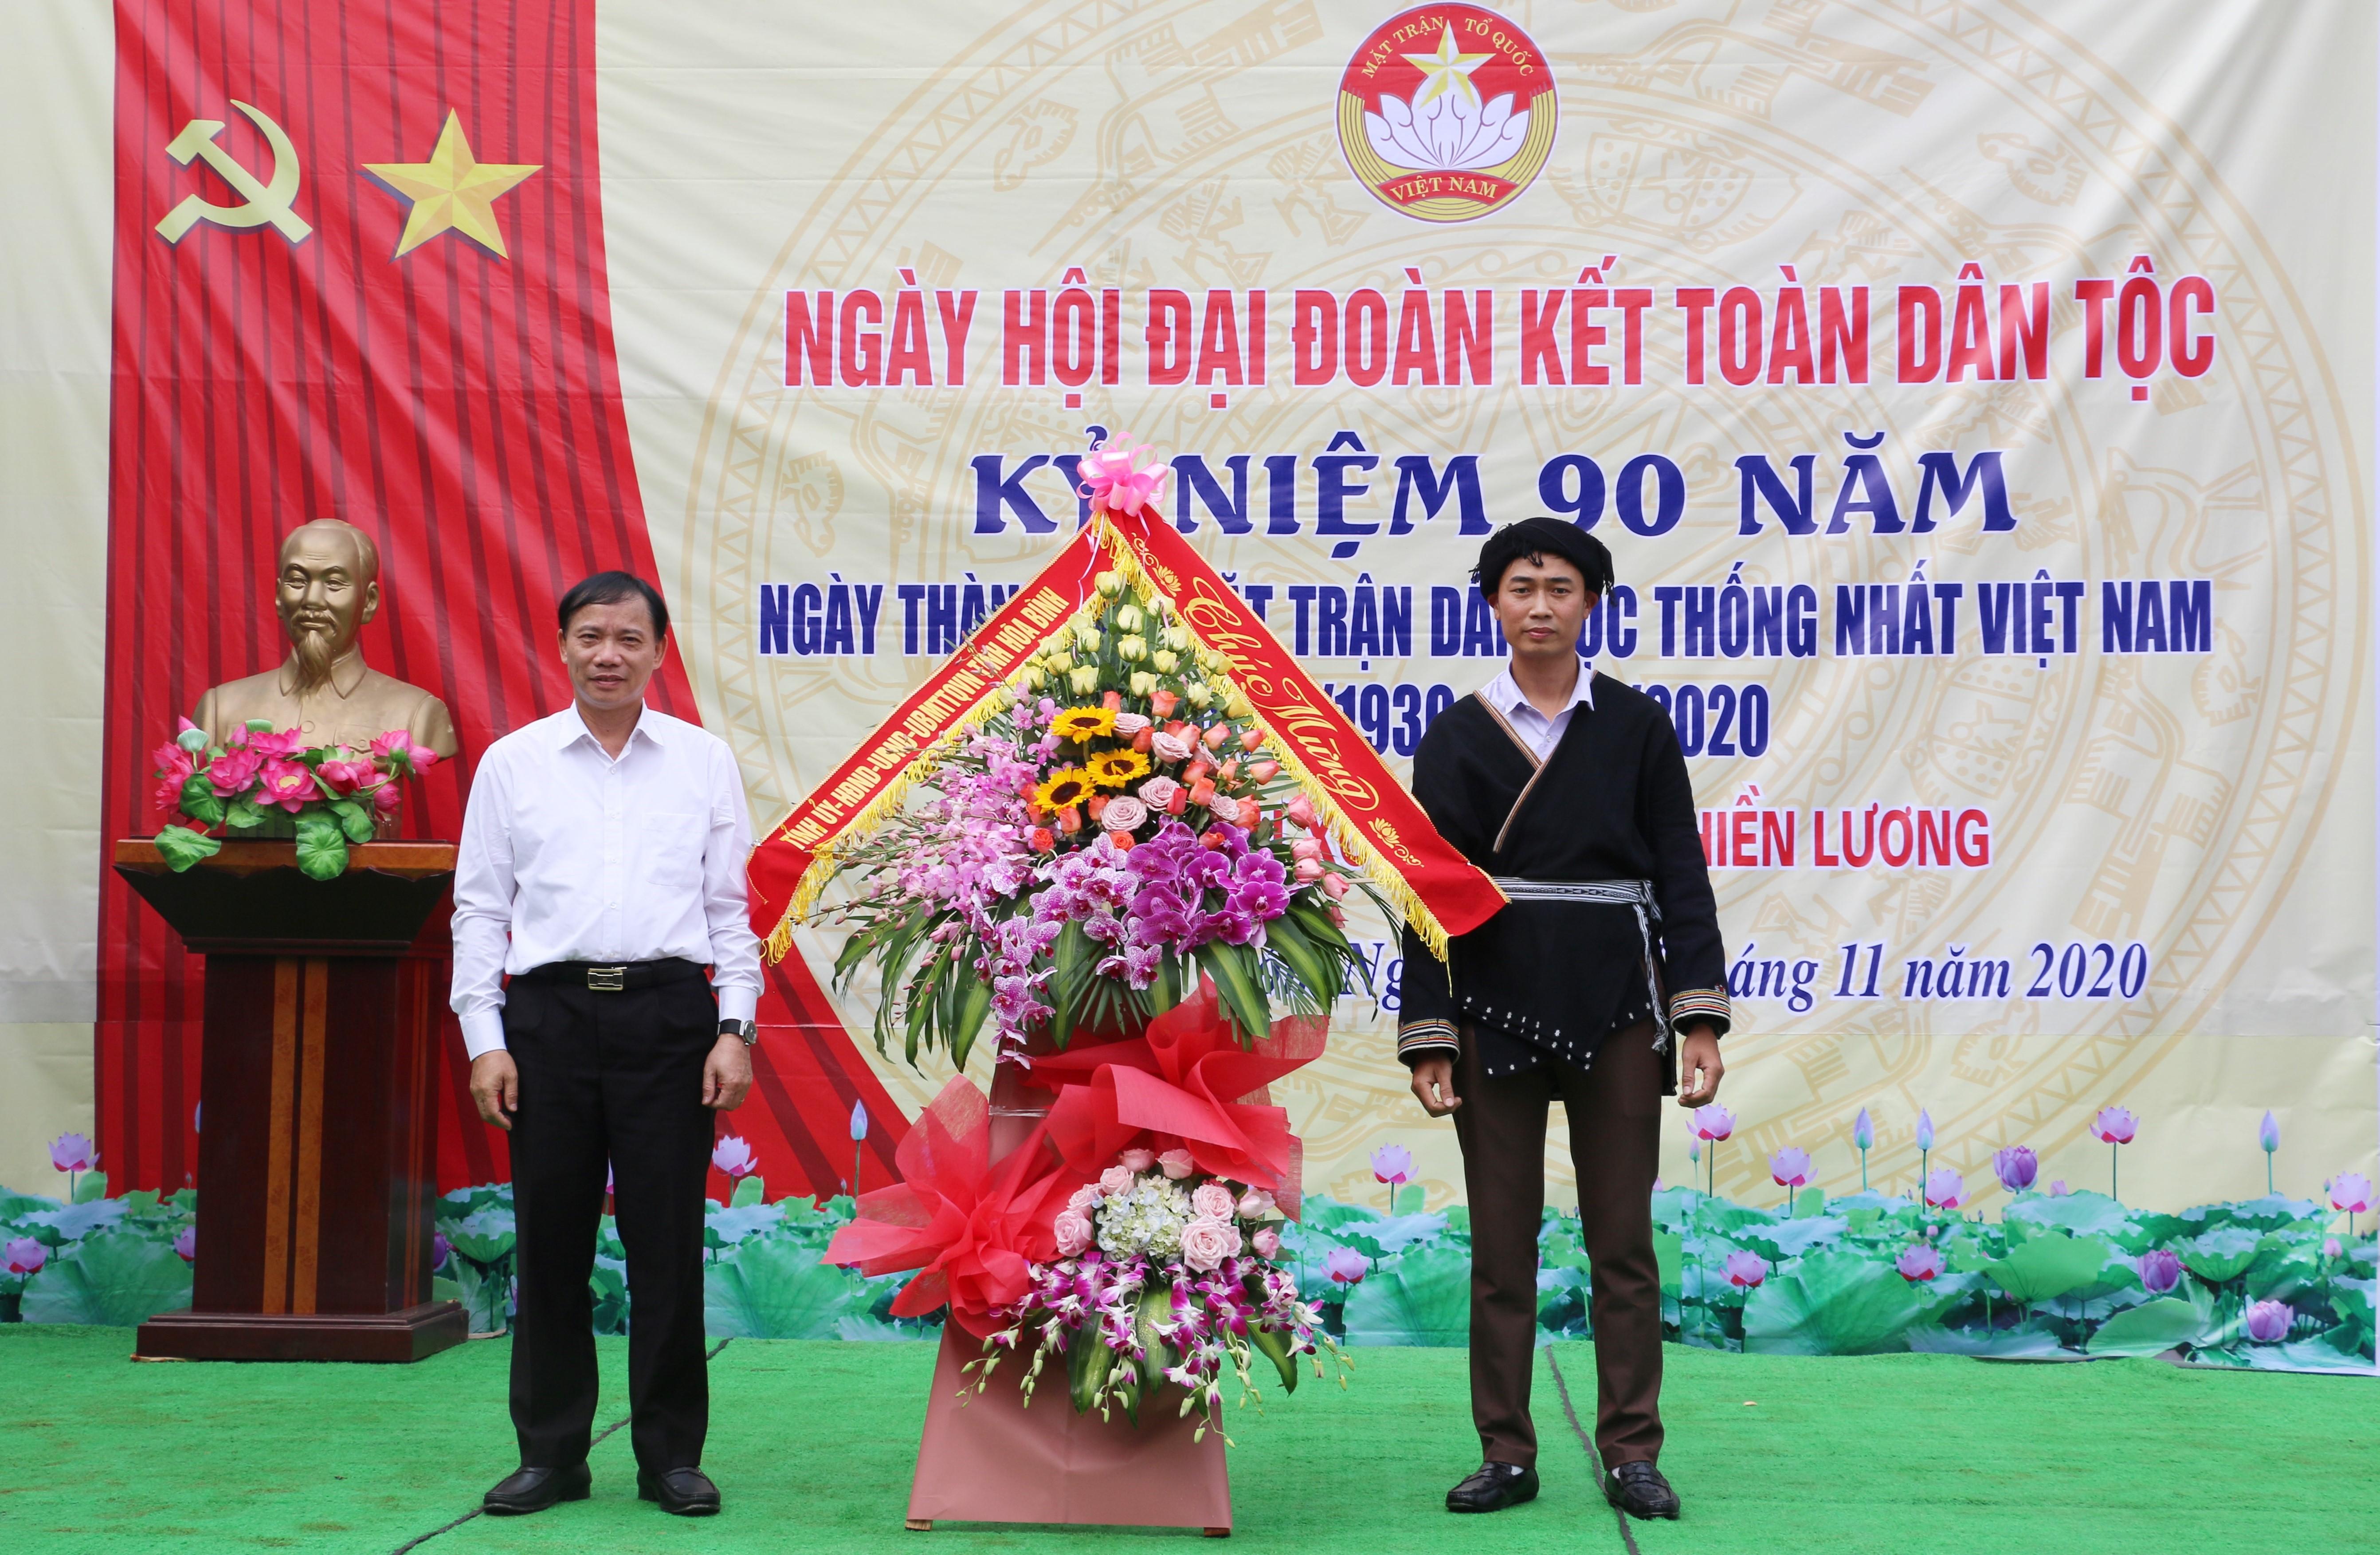 Phó Bí thư Tỉnh ủy, Chủ tịch UBND Hòa Bình Bùi Văn Khánh tặng hoa chúc mừng Ngày hội